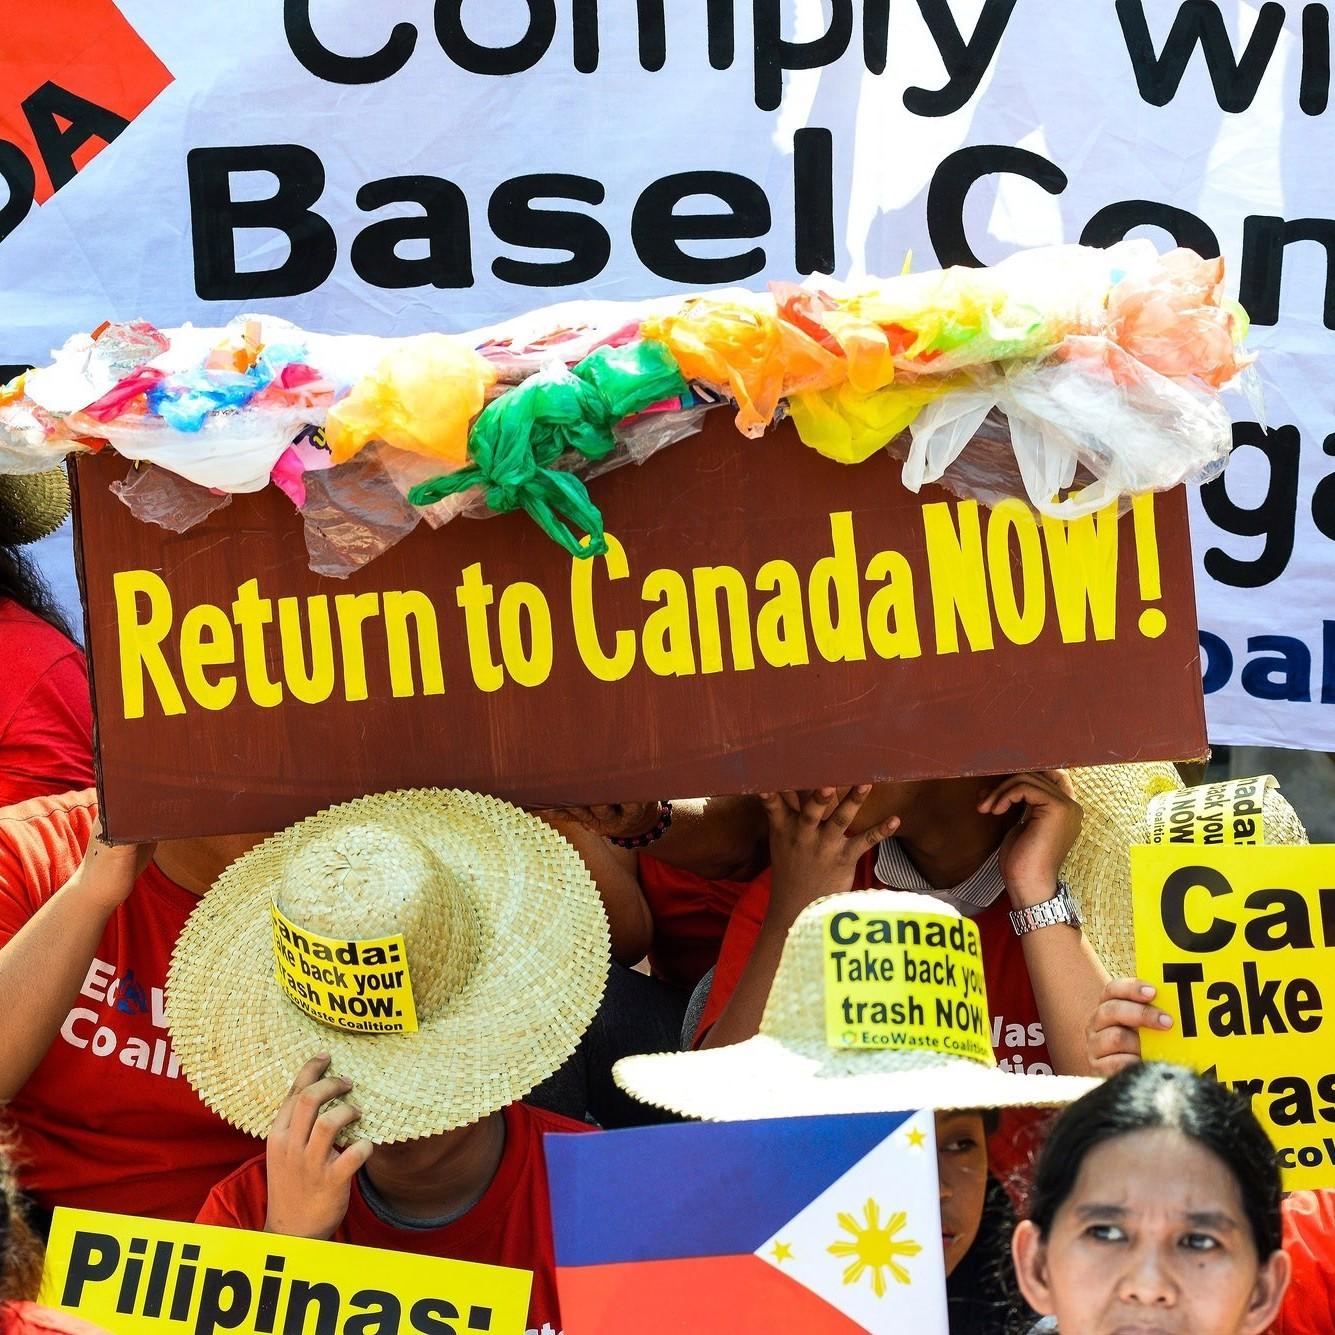 Vấn đề rác thải giữa Canada và  Philippines